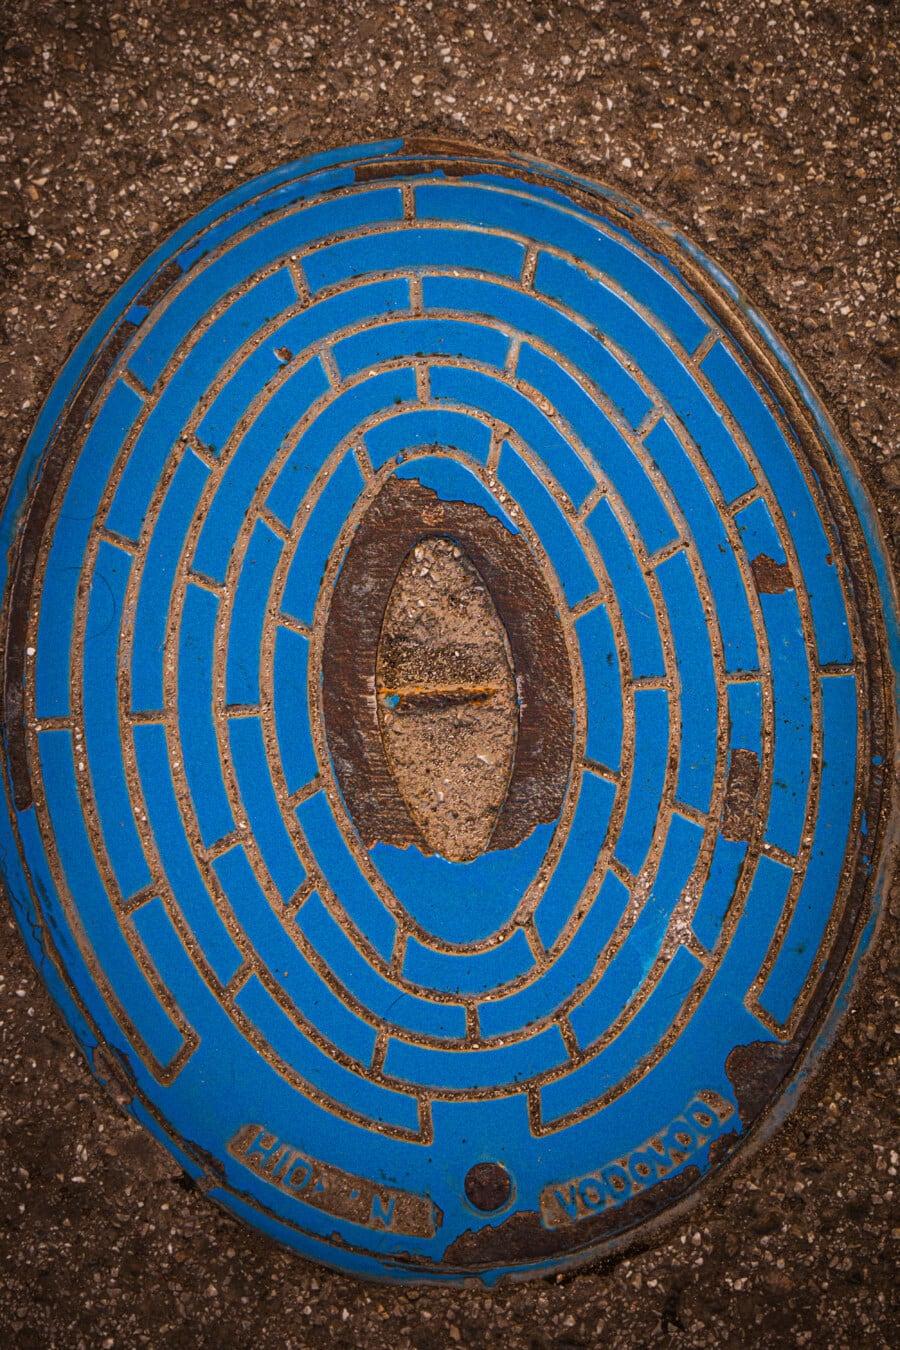 trou d'homme, plaque d'égout, réseau d'égouts, béton, asphalte, ciment, chaussée, fer, à l'extérieur, vieux